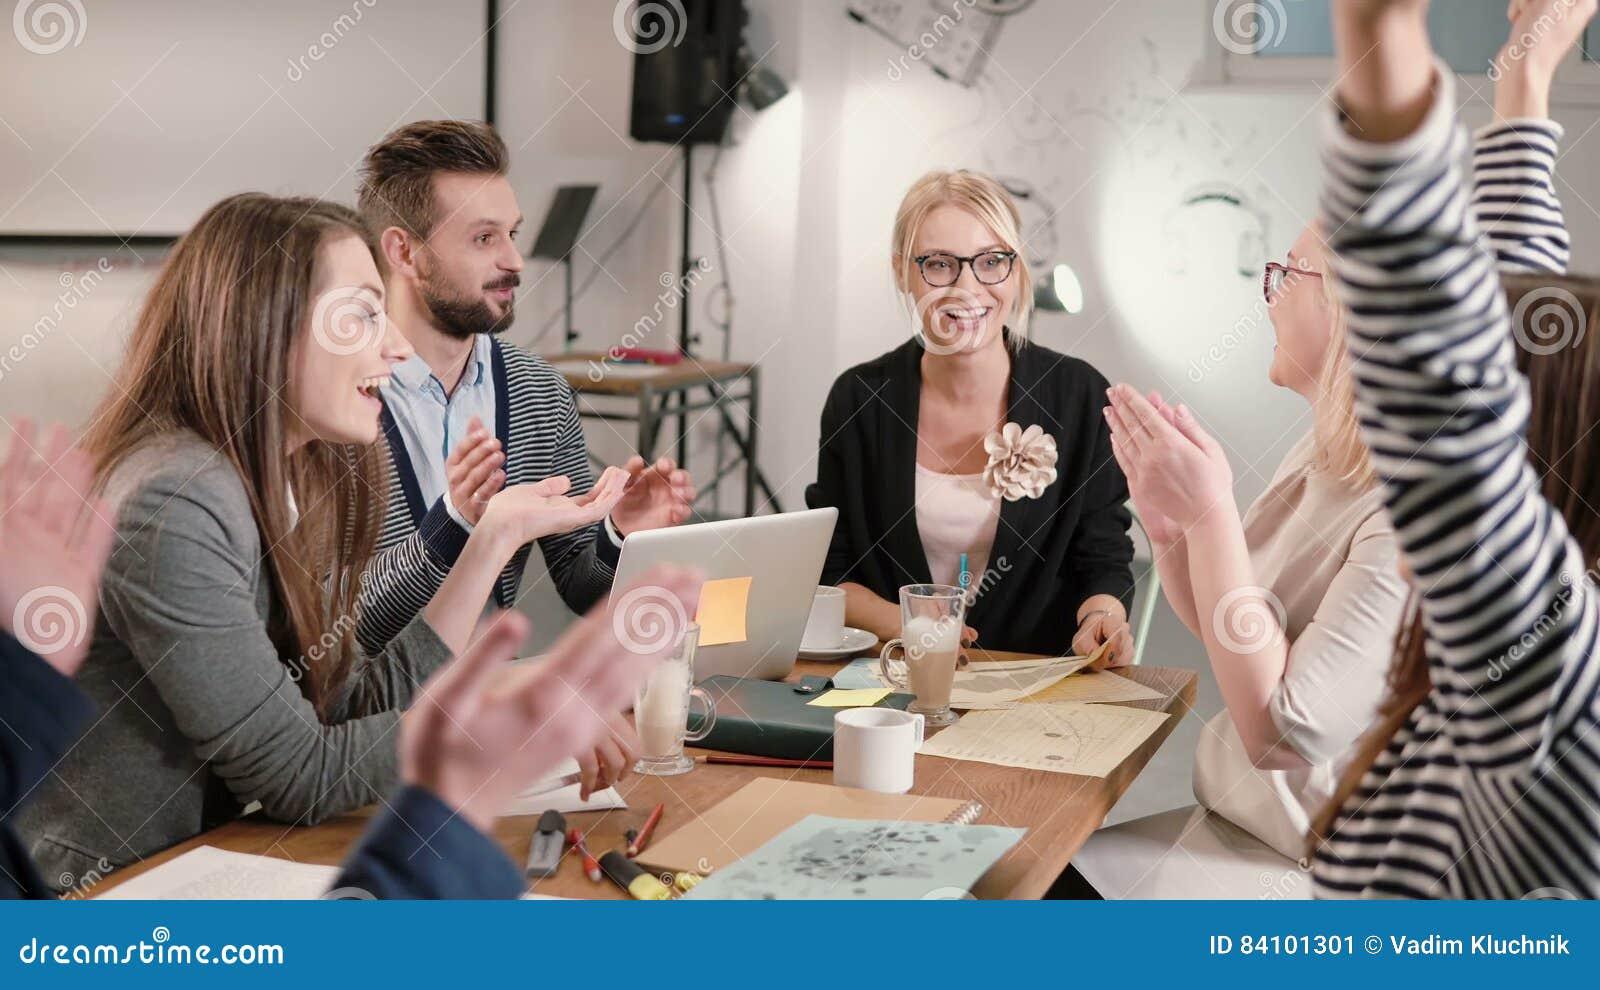 Il capo femminile ha riferito le buone notizie, ognuna è felice, alto--fiving gruppo di affari in un ufficio startup moderno